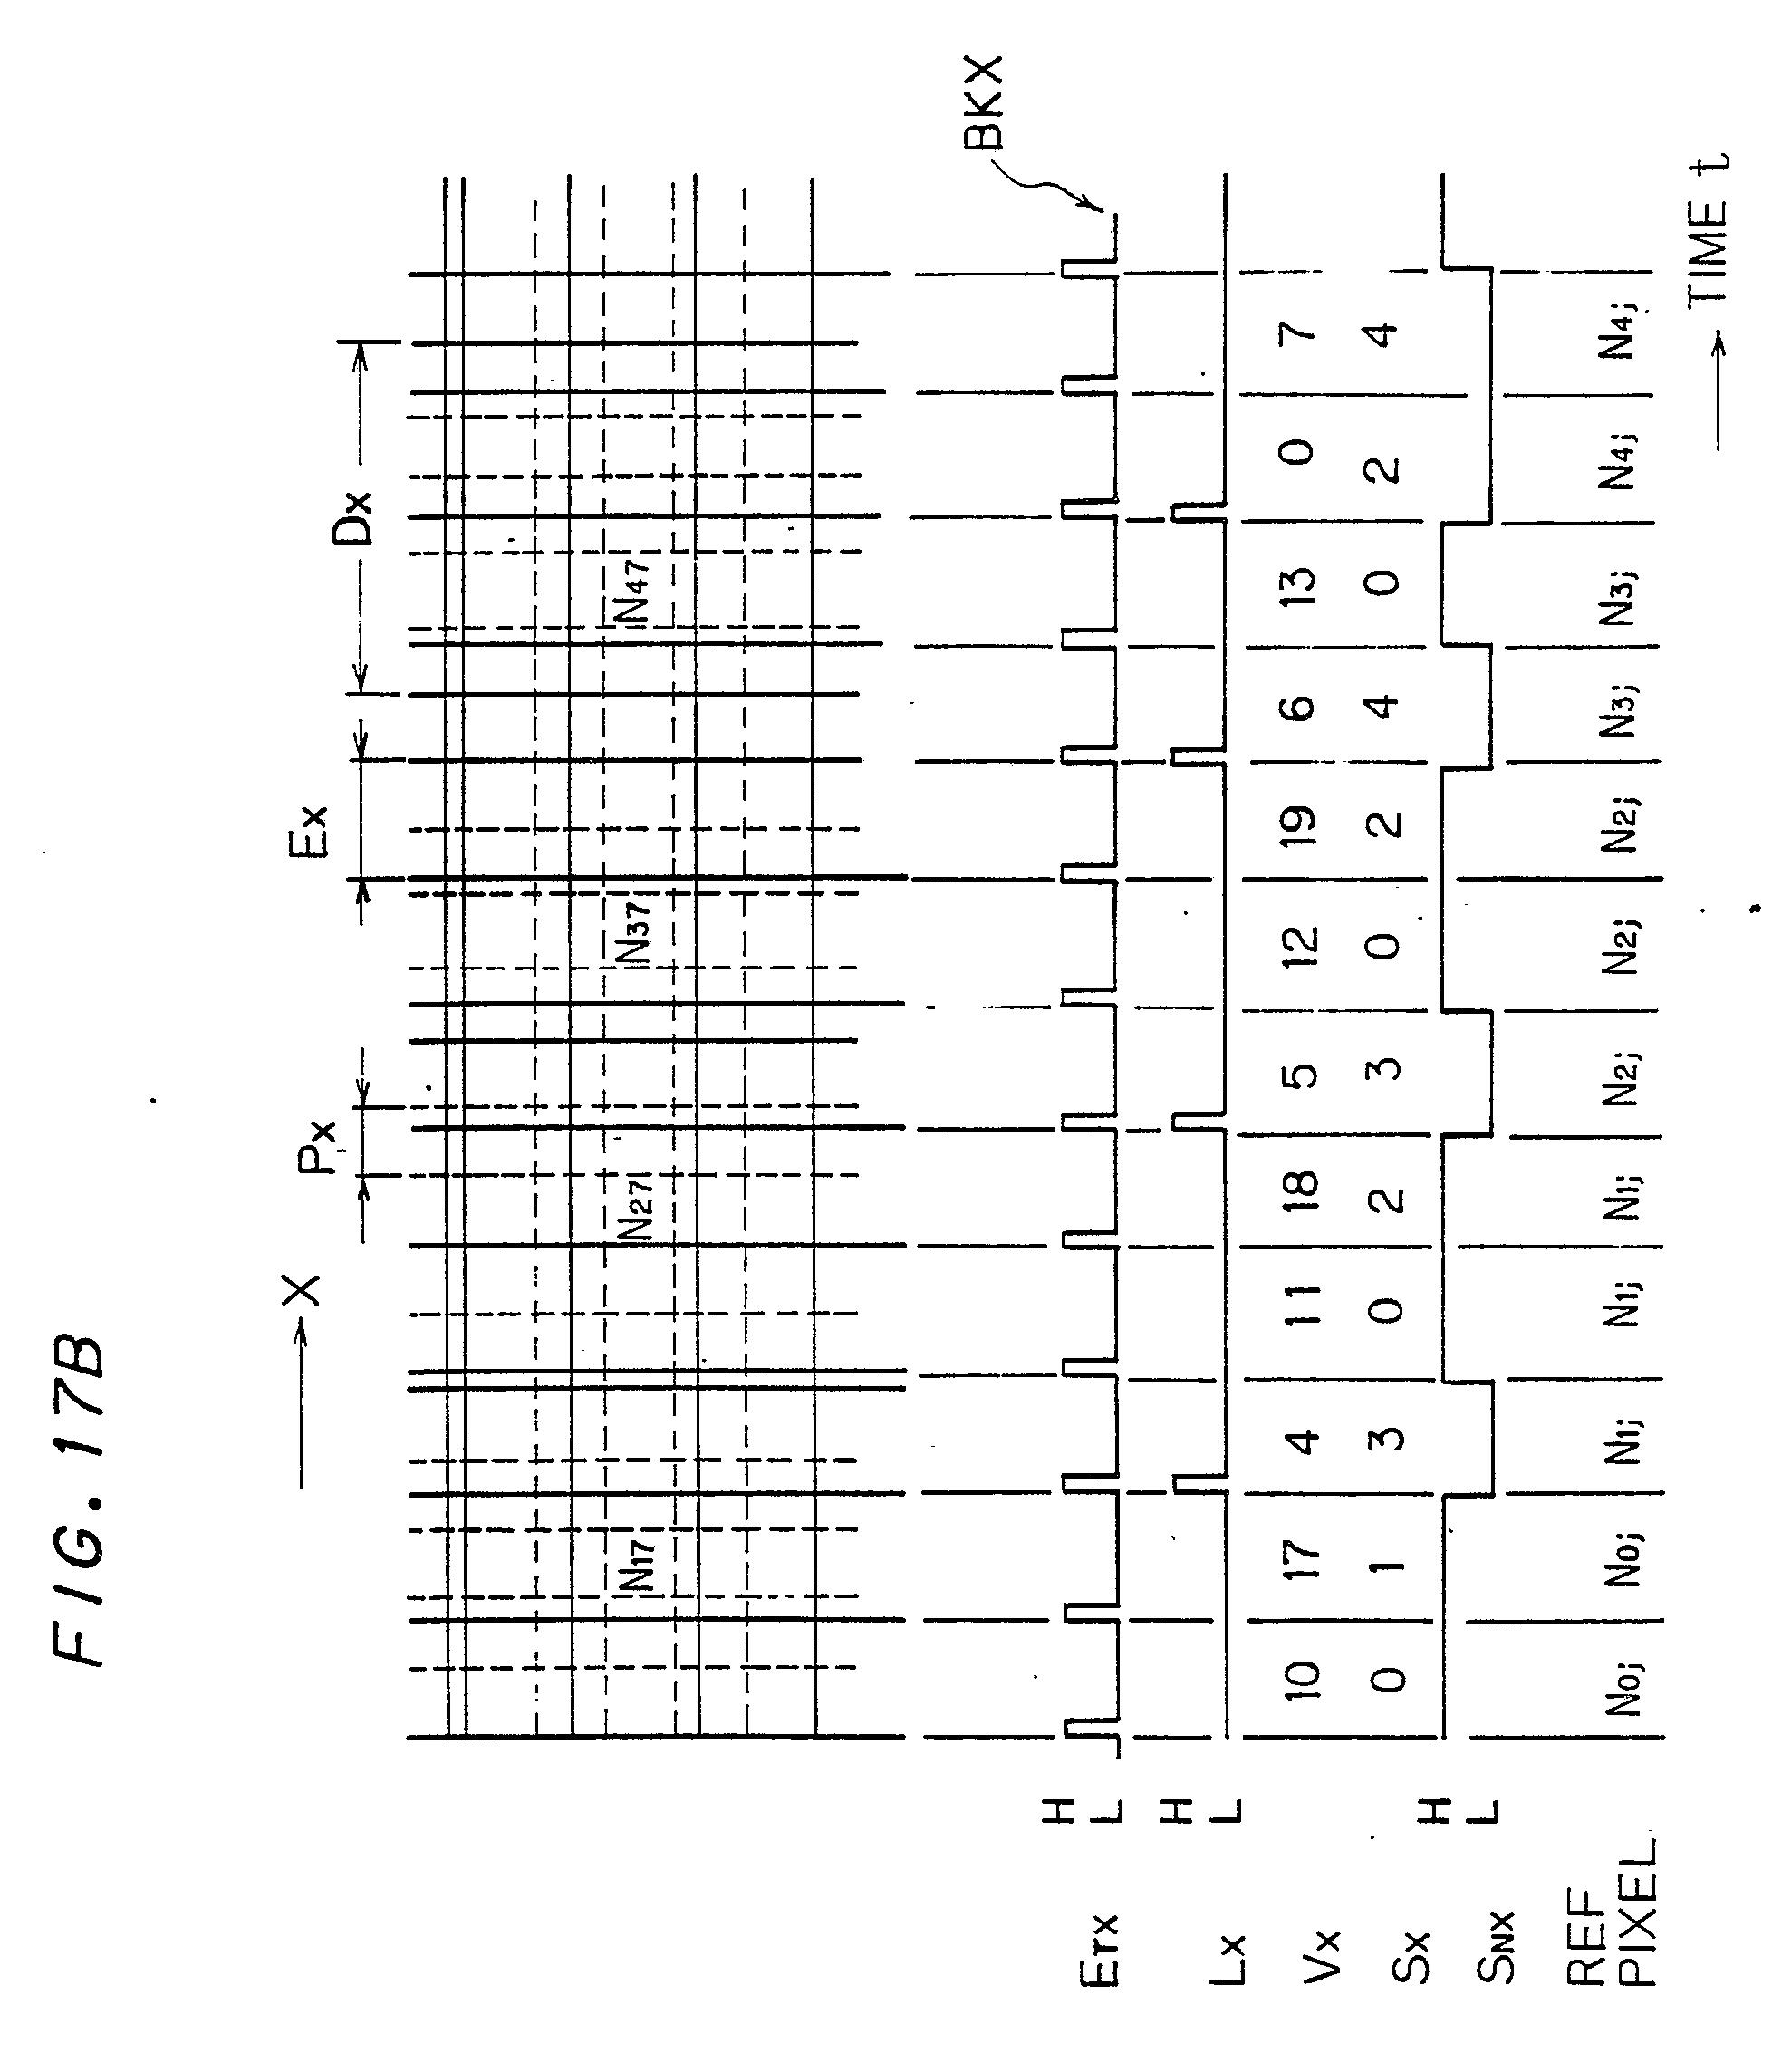 专利ep0319976a2 - method